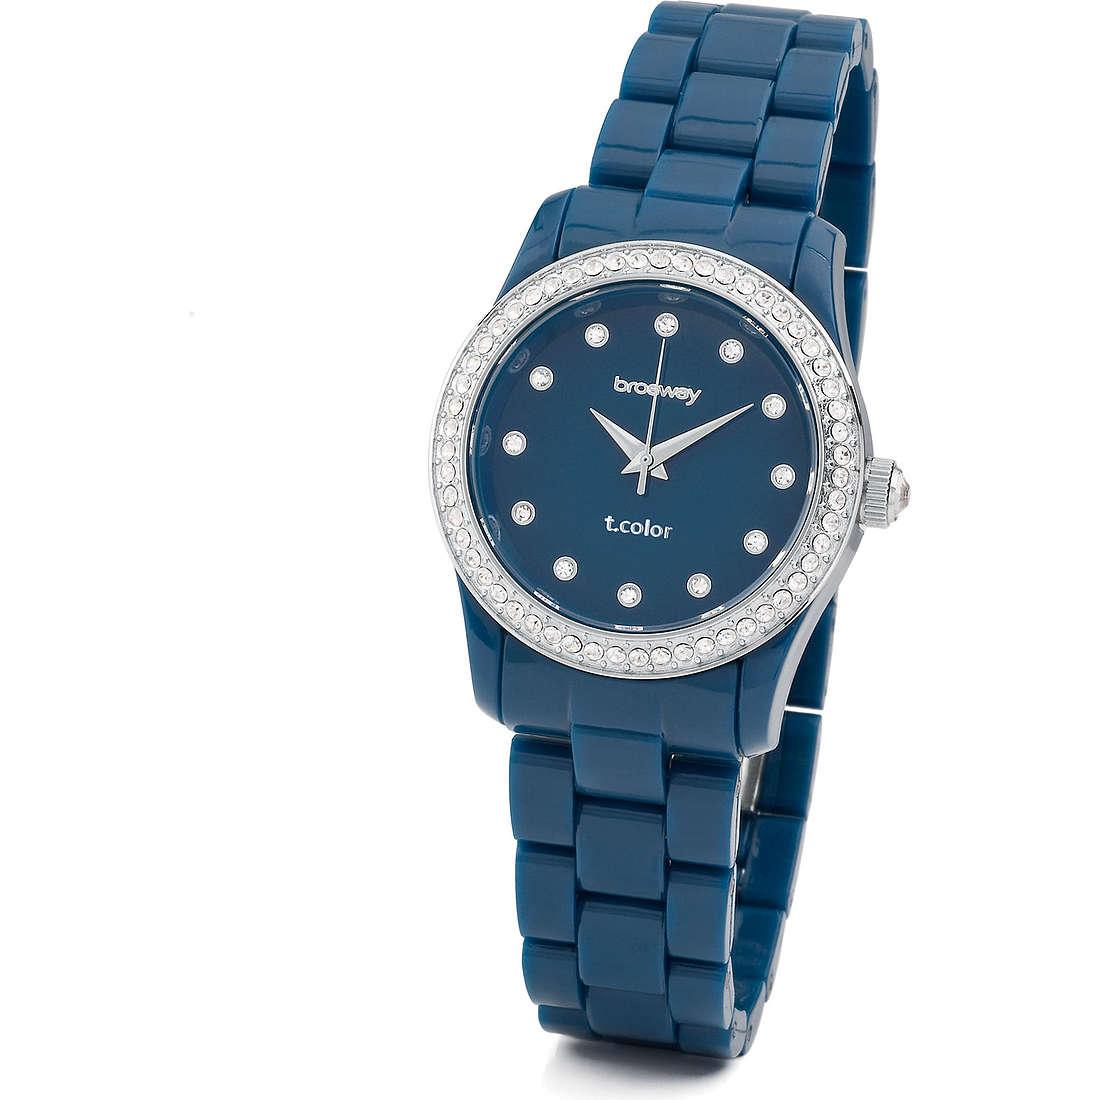 orologio solo tempo donna Brosway T-Color WTC15